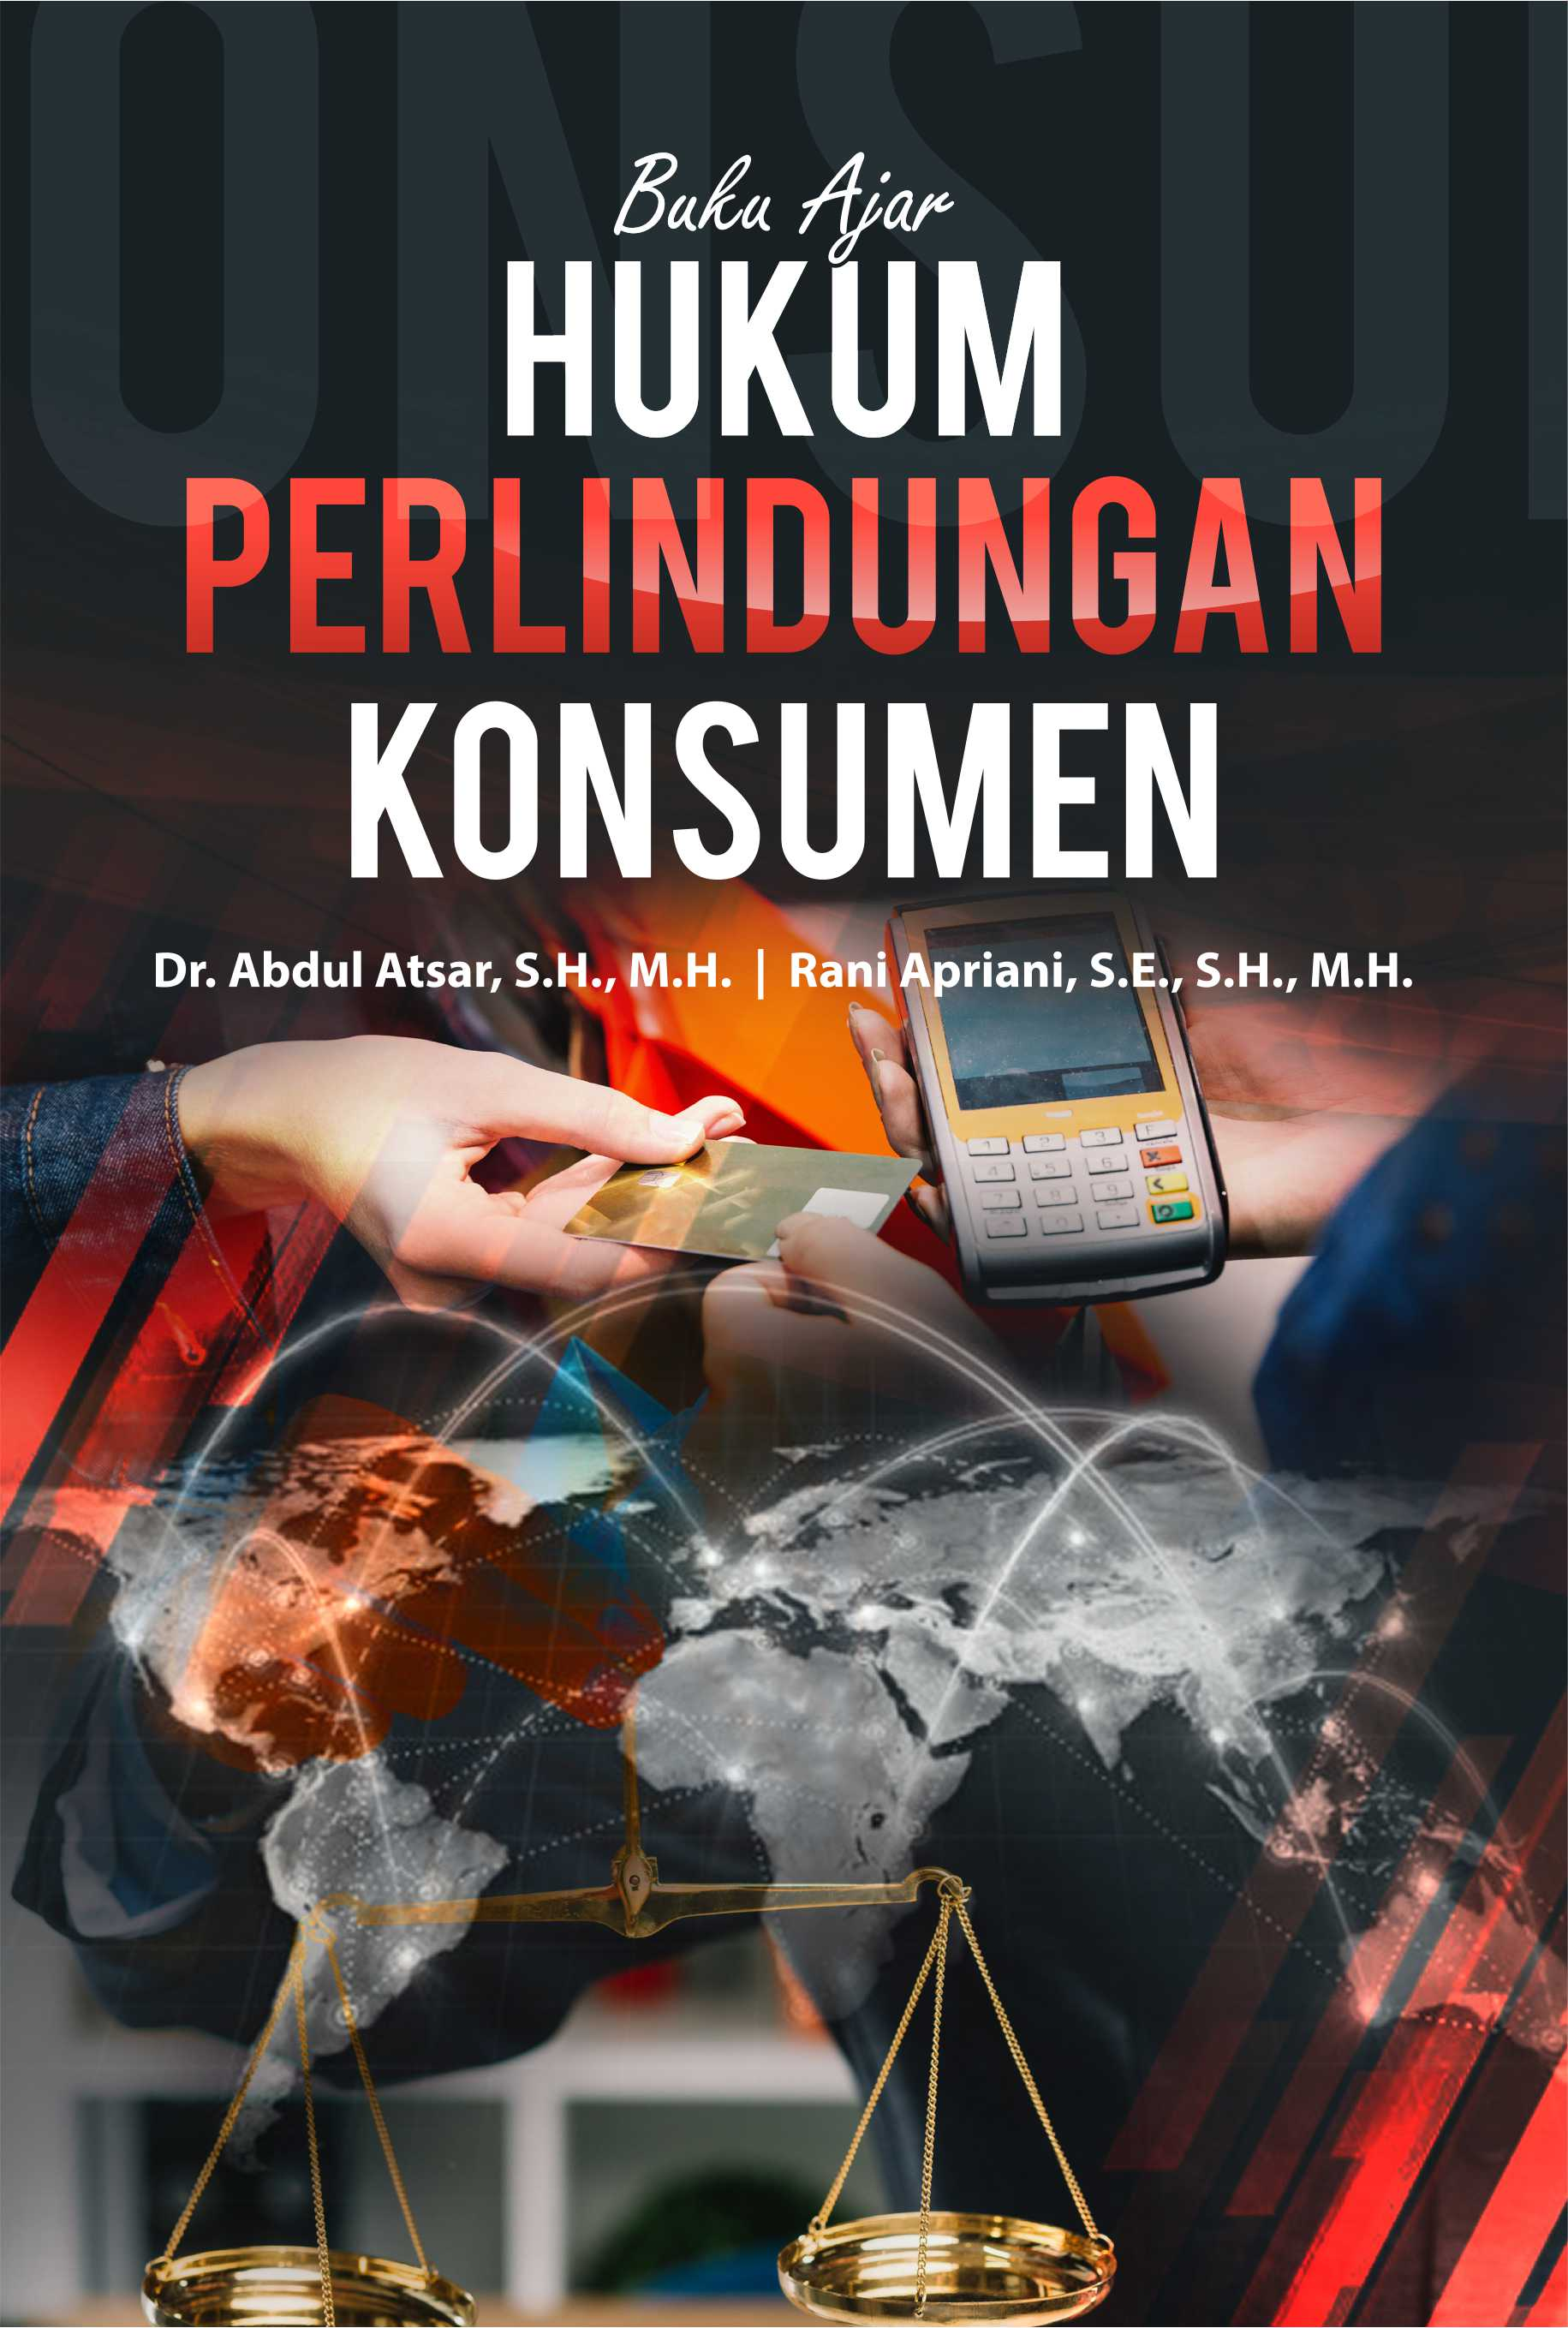 Buku ajar hukum perlindungan konsumen [sumber elektronis]